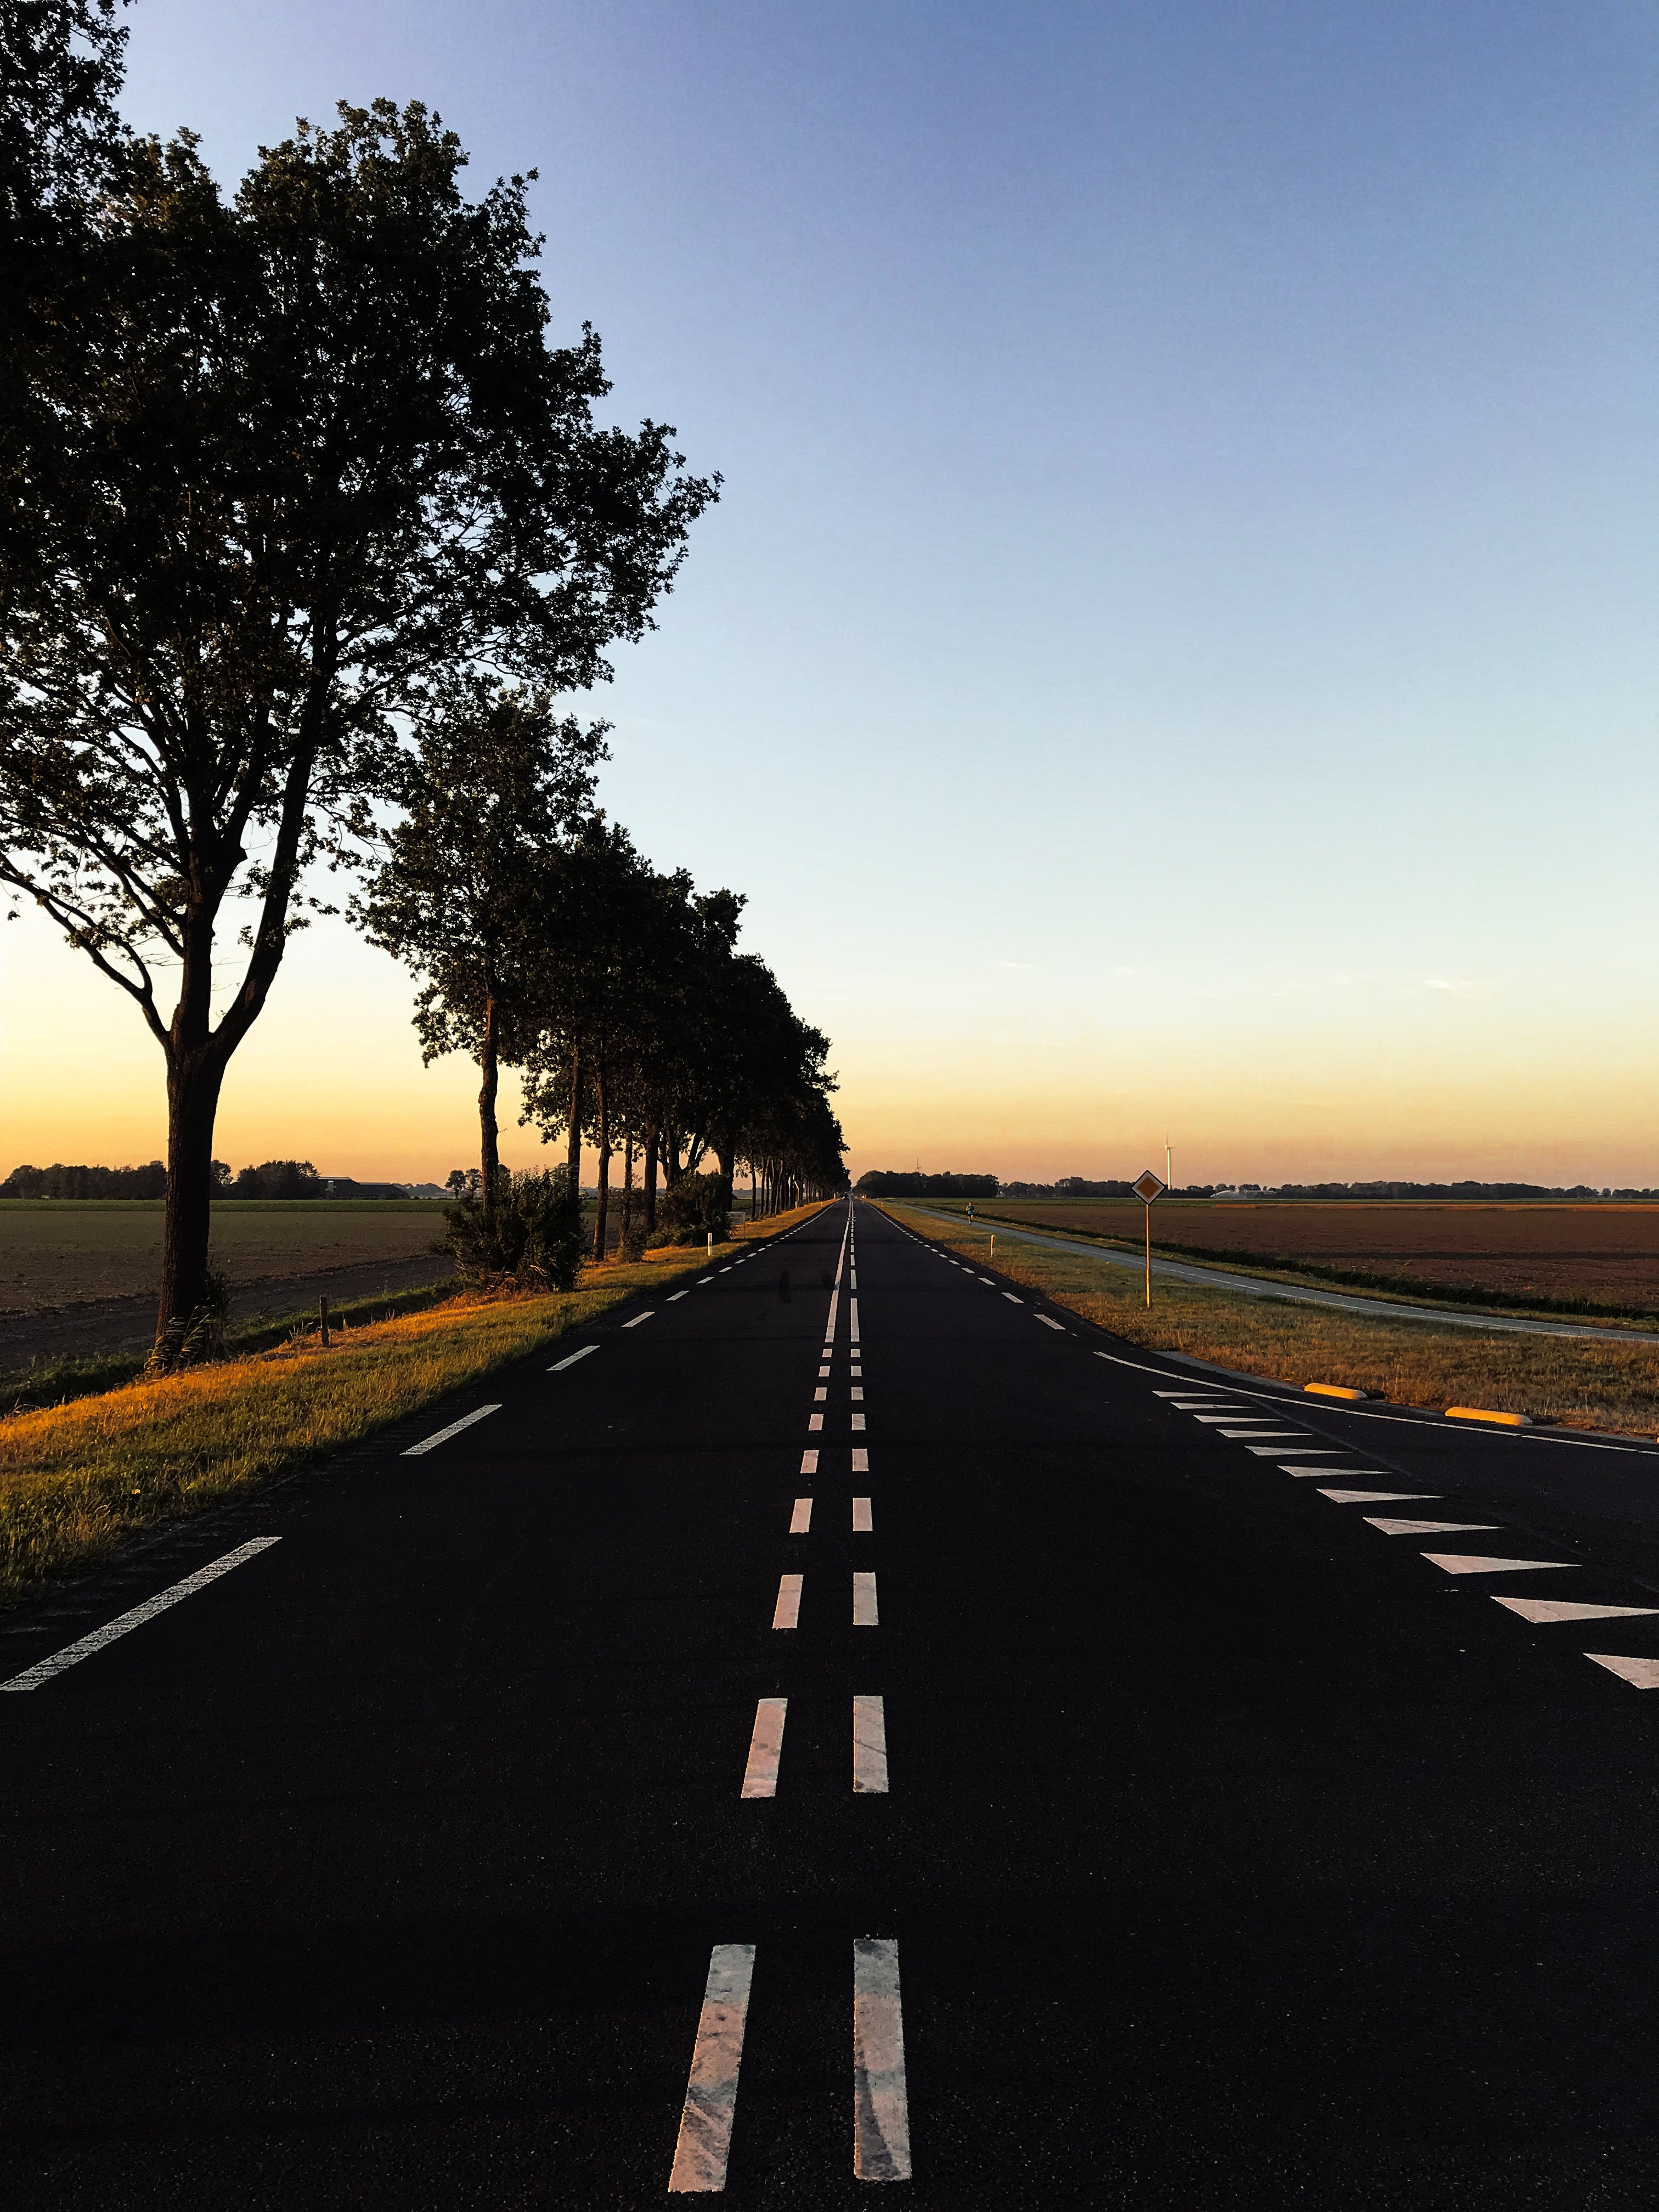 Foto profissional grátis de aconselhamento, árvores, asfalto, céu